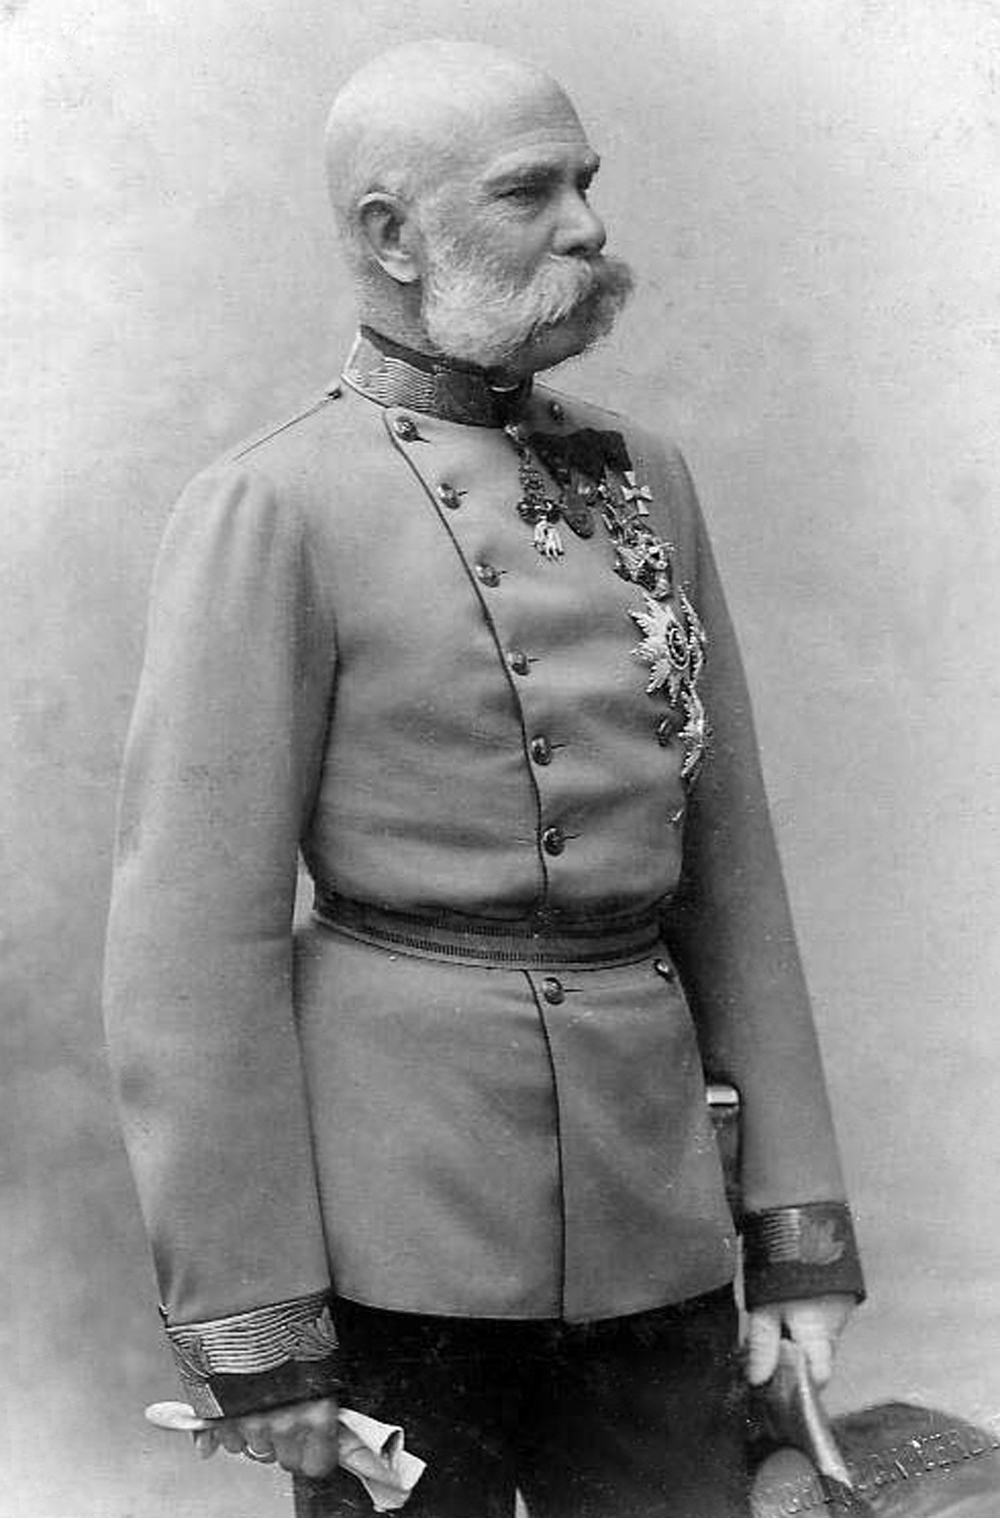 Emperor-King Franz Josef I, circa 1885